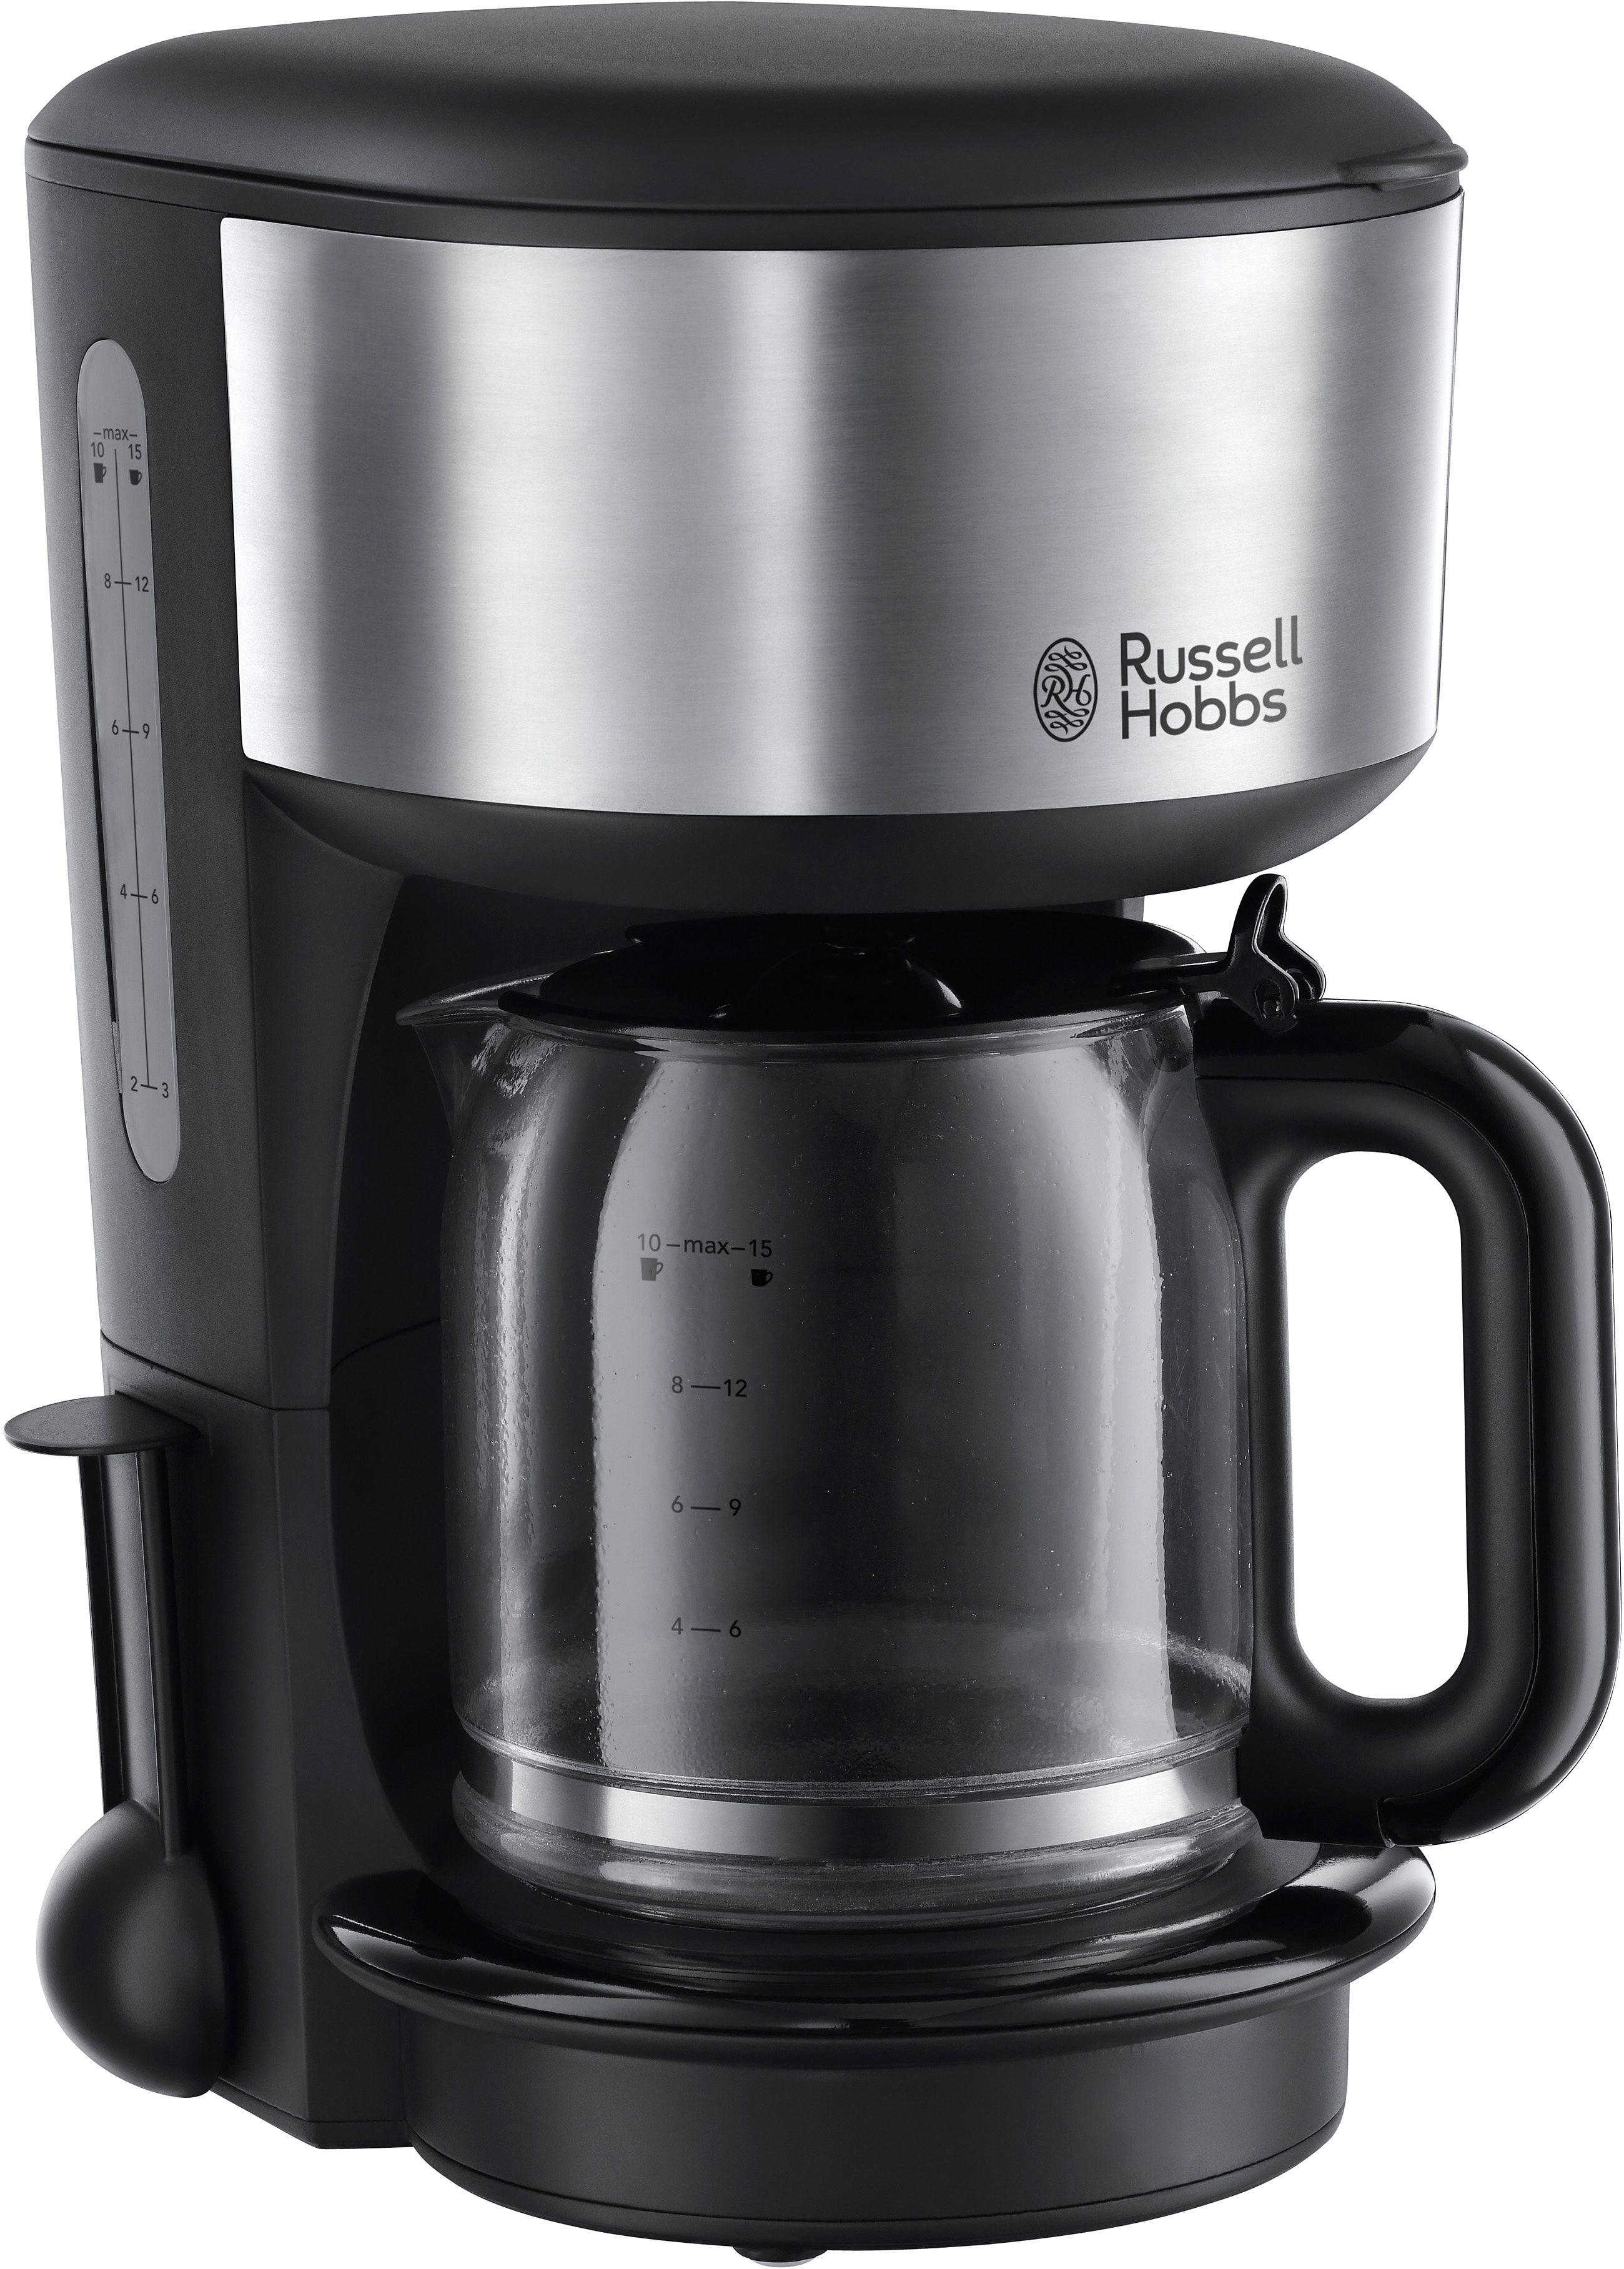 RUSSELL HOBBS Filterkaffeemaschine Oxford 20130-56, 1,25l Kaffeekanne, Papierfilter 1x4